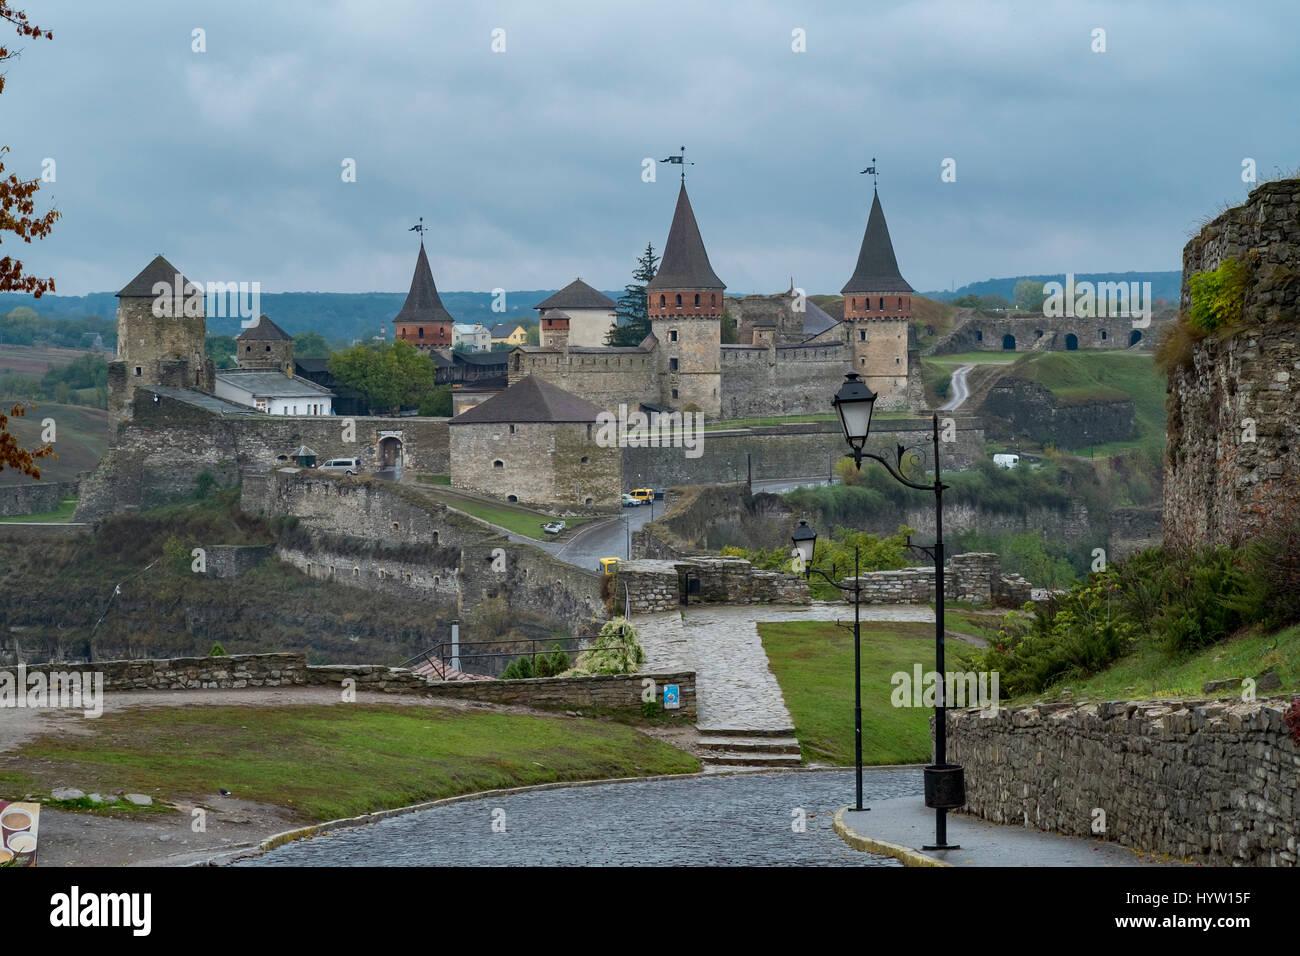 Vista della maggior parte zamkowy e castello di kamianets-podilskyi in Ucraina occidentale presi in una piovosa Foto Stock